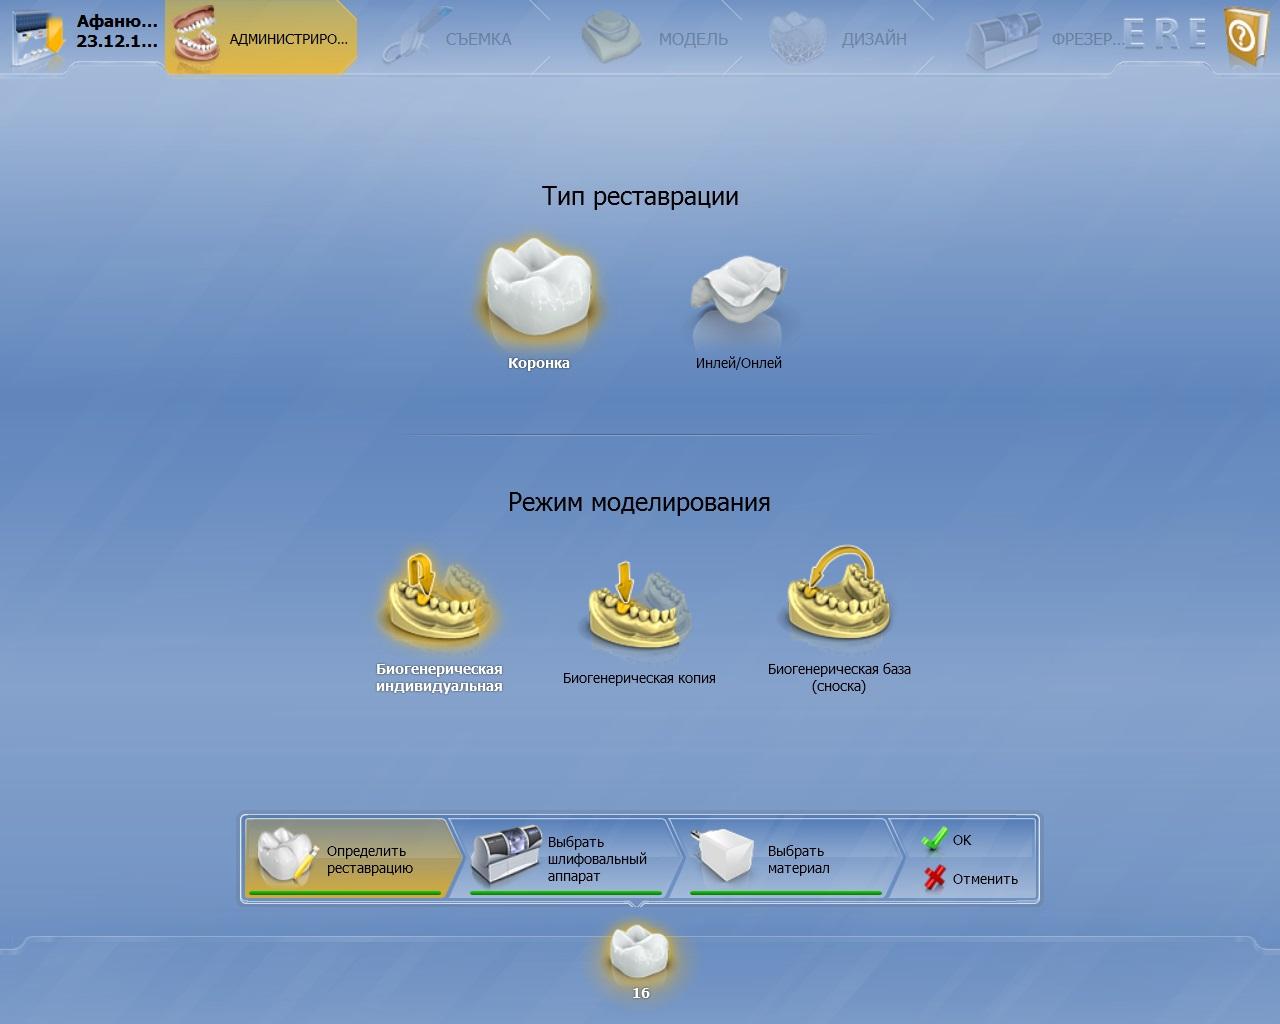 Интерфейс программного обеспечения CEREC. После снятия оптических слепков врач создаёт 3D-модель зубного протеза, которую затем вытачивает станок.